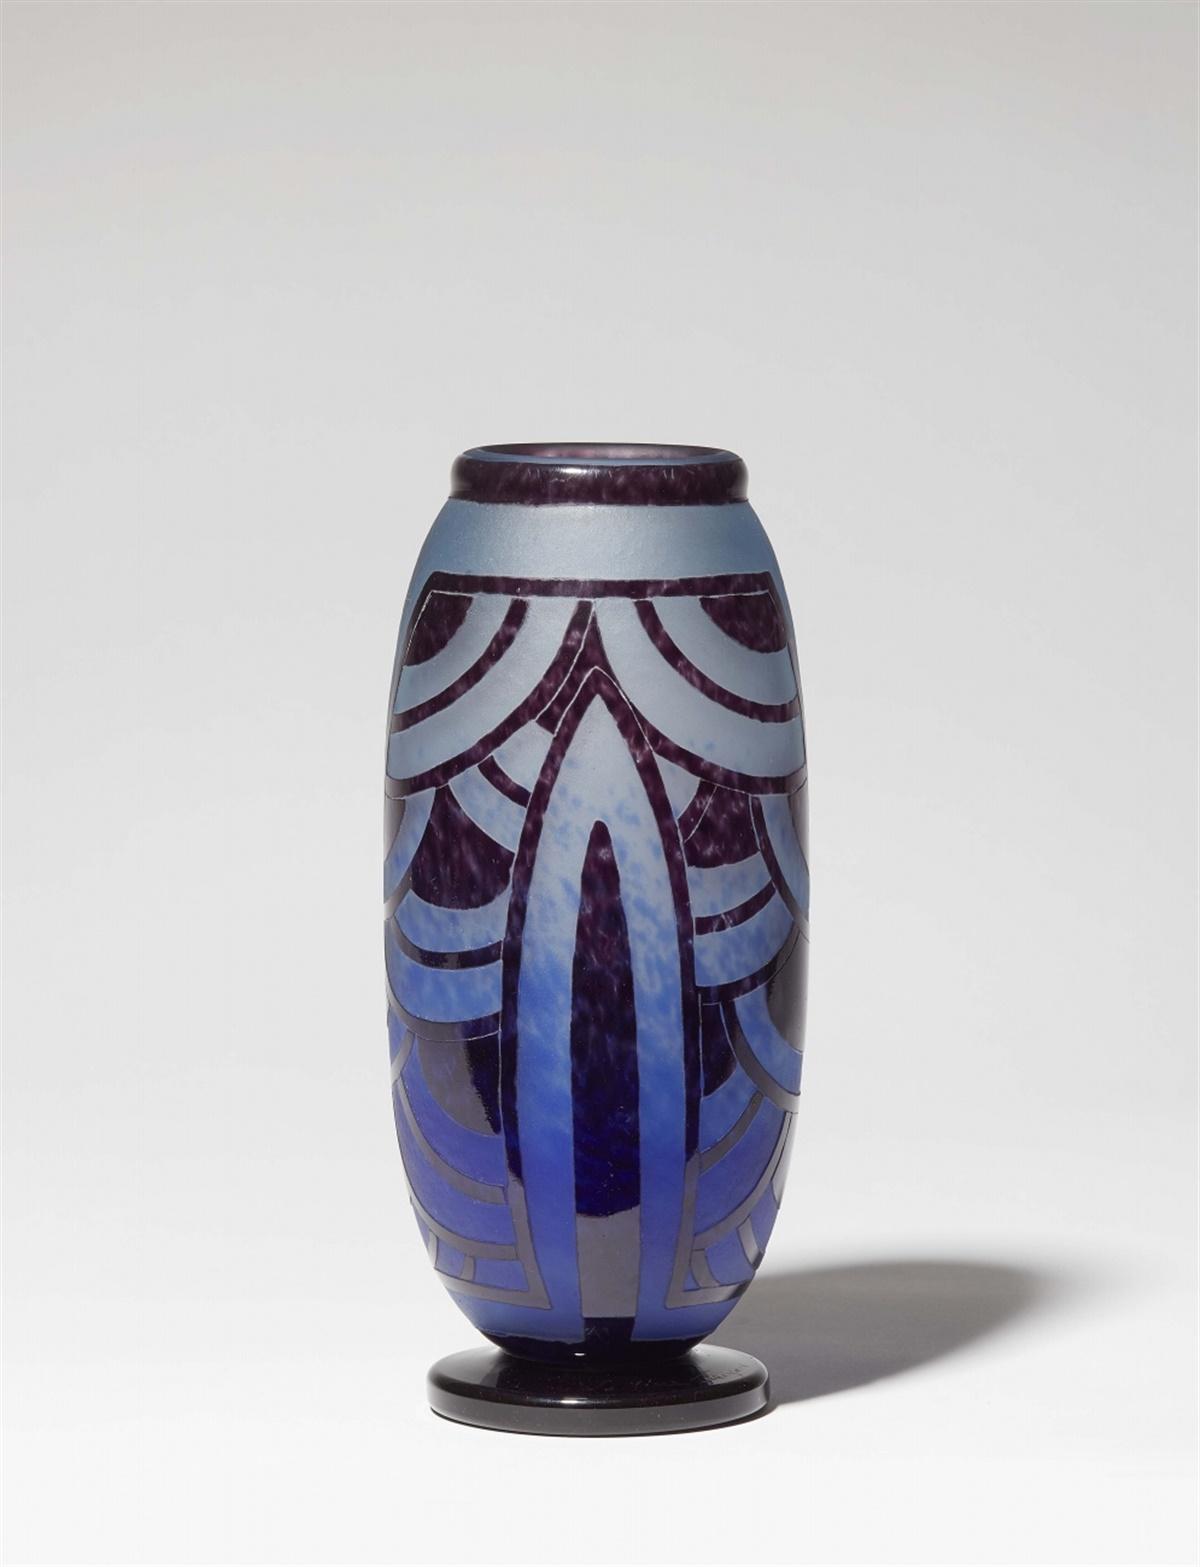 Vase nénuphars bleusMattes Milchglas mit blauen Pulvereinschmelzungen, geätzter Überfang von